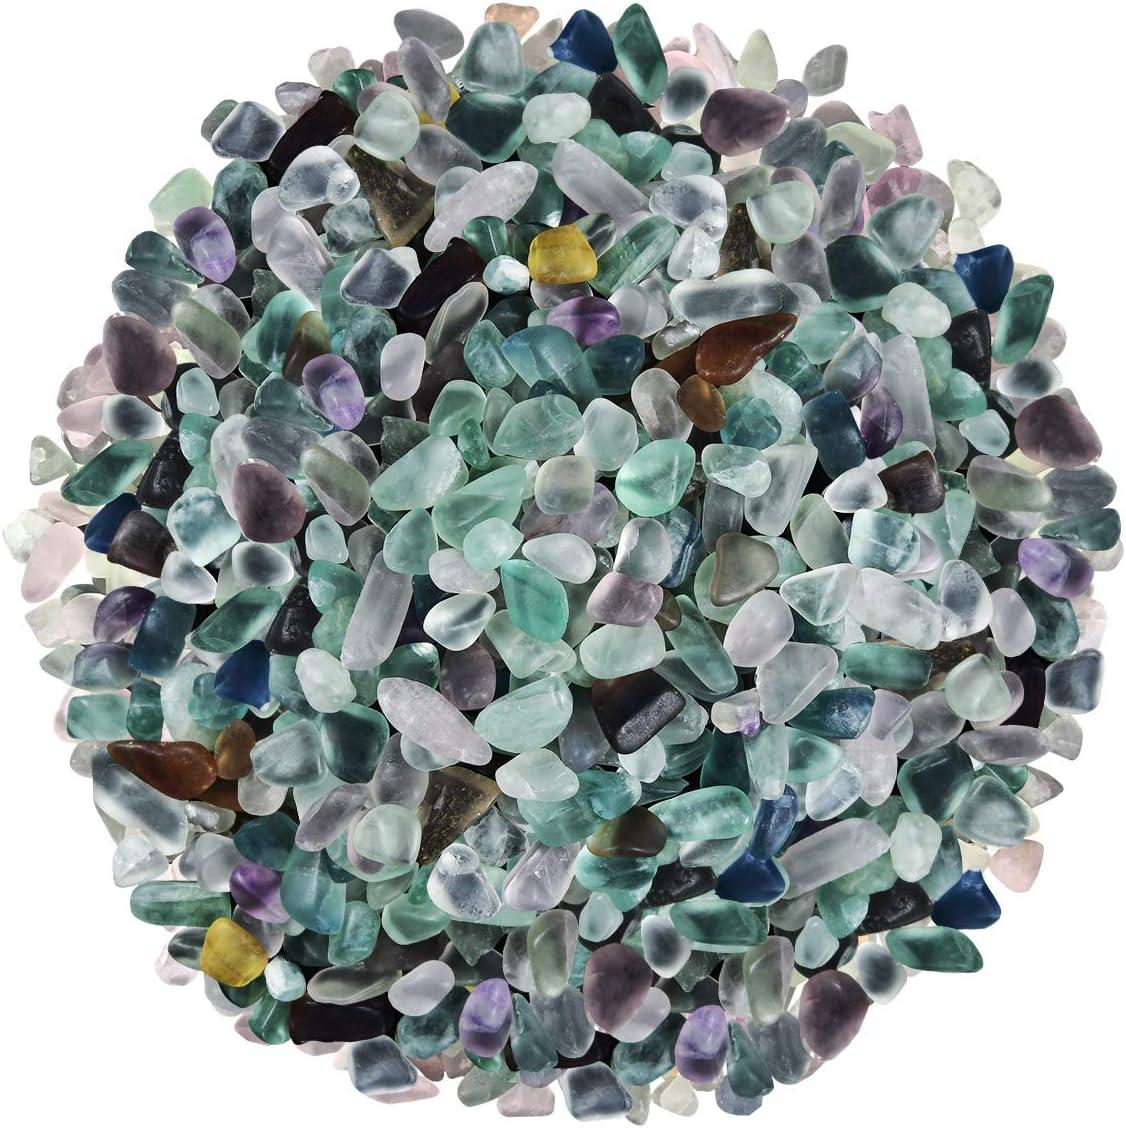 Polished Stones Random Shape 1lb//Bag River Natural Stones Crystals Home Decor yte 7-12 mm Mixed Pea Gravel Fish Aquarium Tank Plants Vases